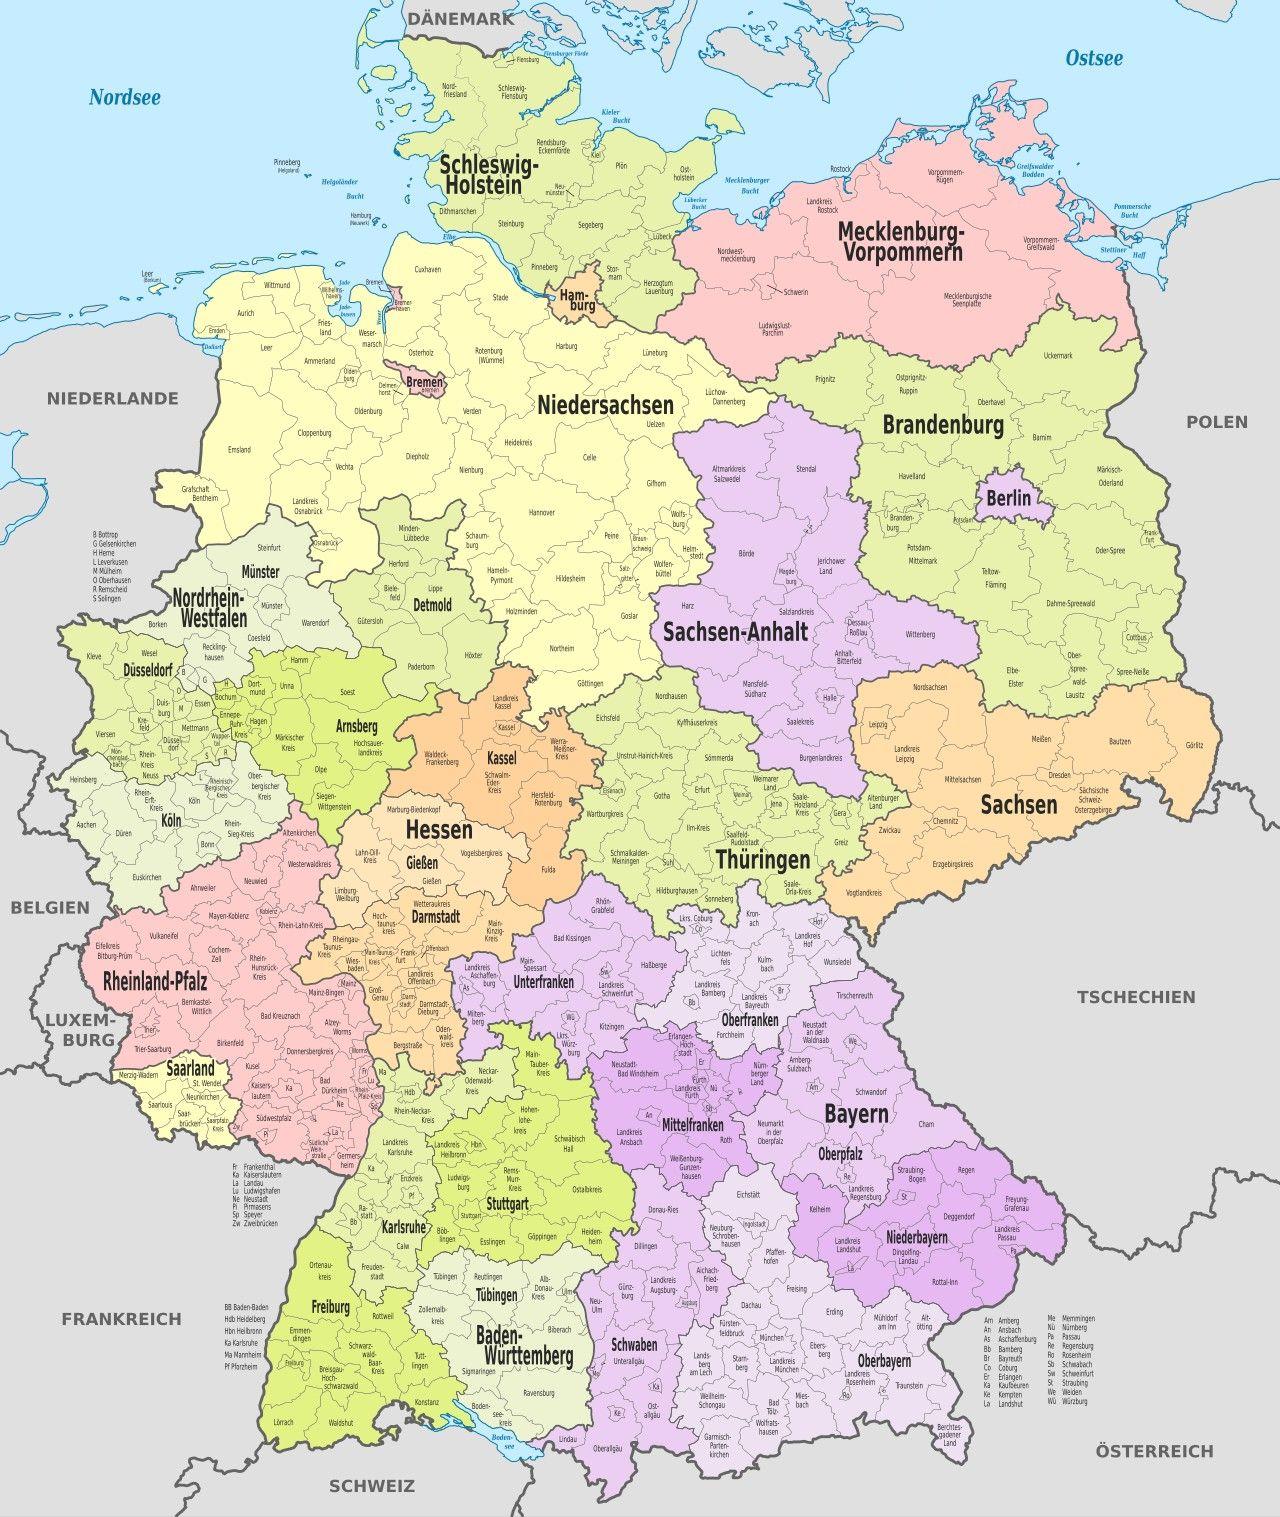 Pin Von Astrid Schubert Auf Reise Deutschlandkarte Landkarte